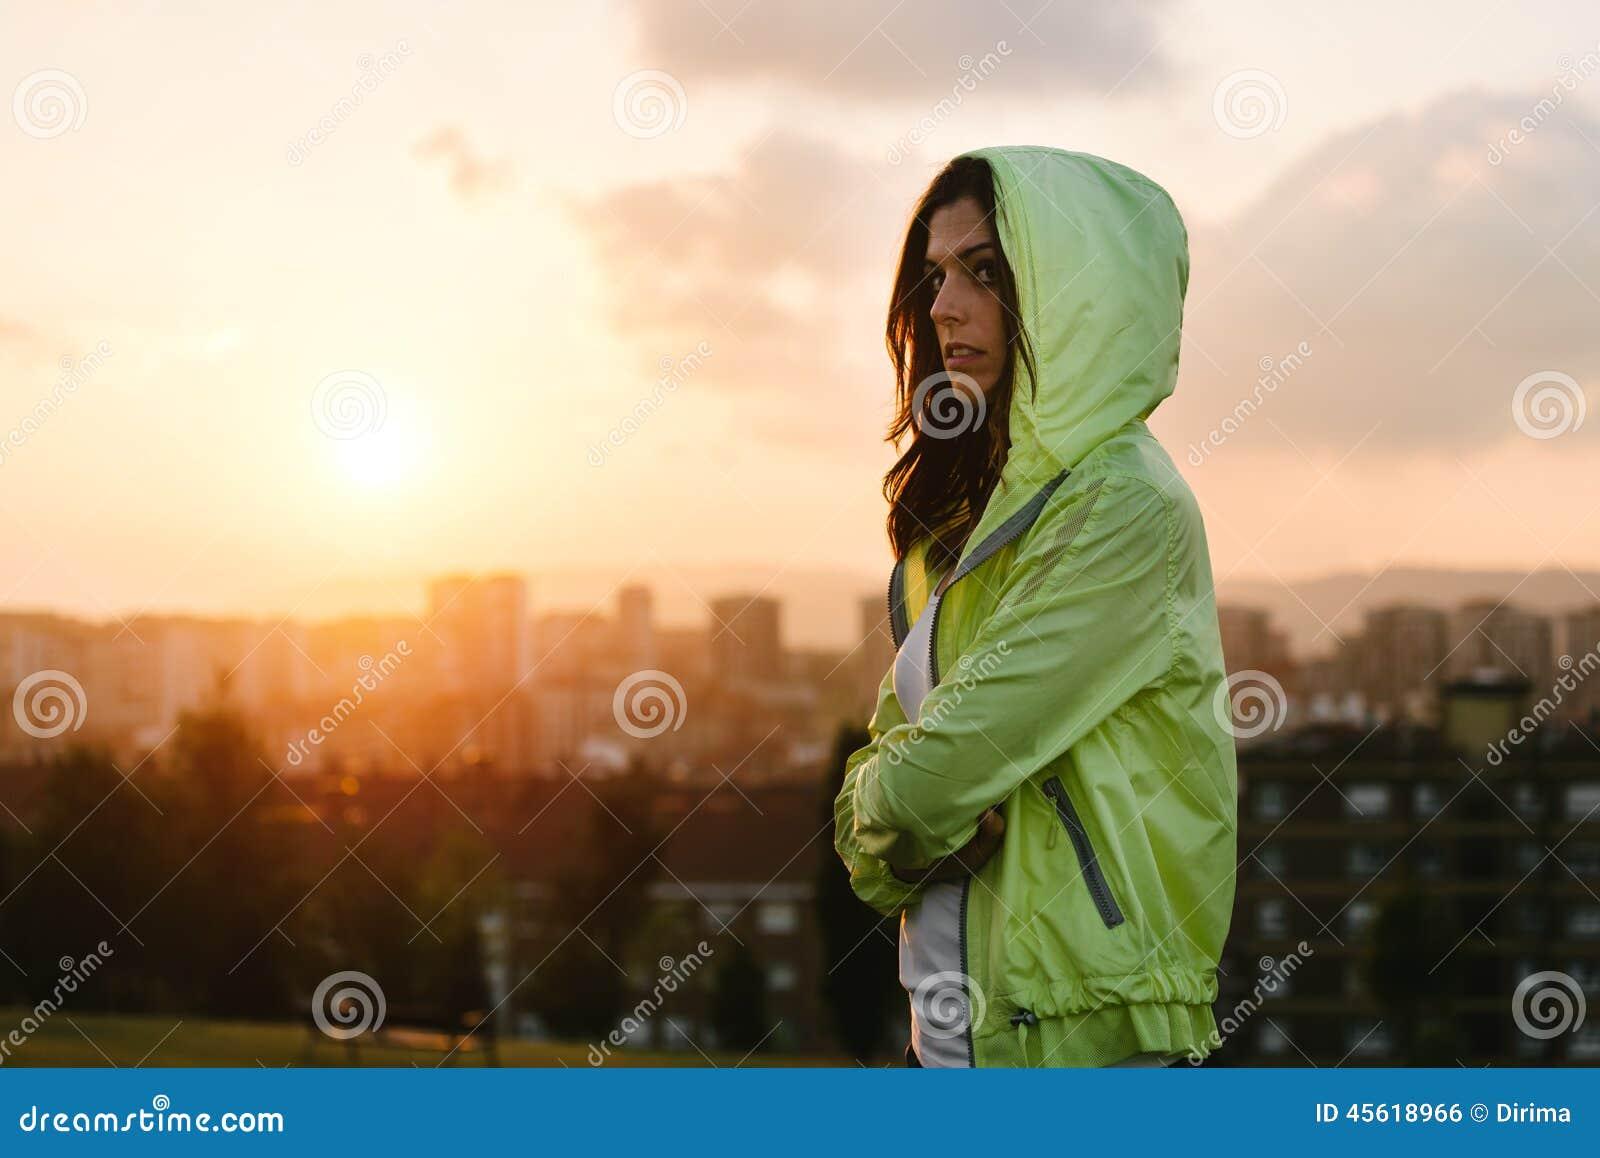 La travesía urbana del atleta de sexo femenino arma en puesta del sol y fondo de la ciudad